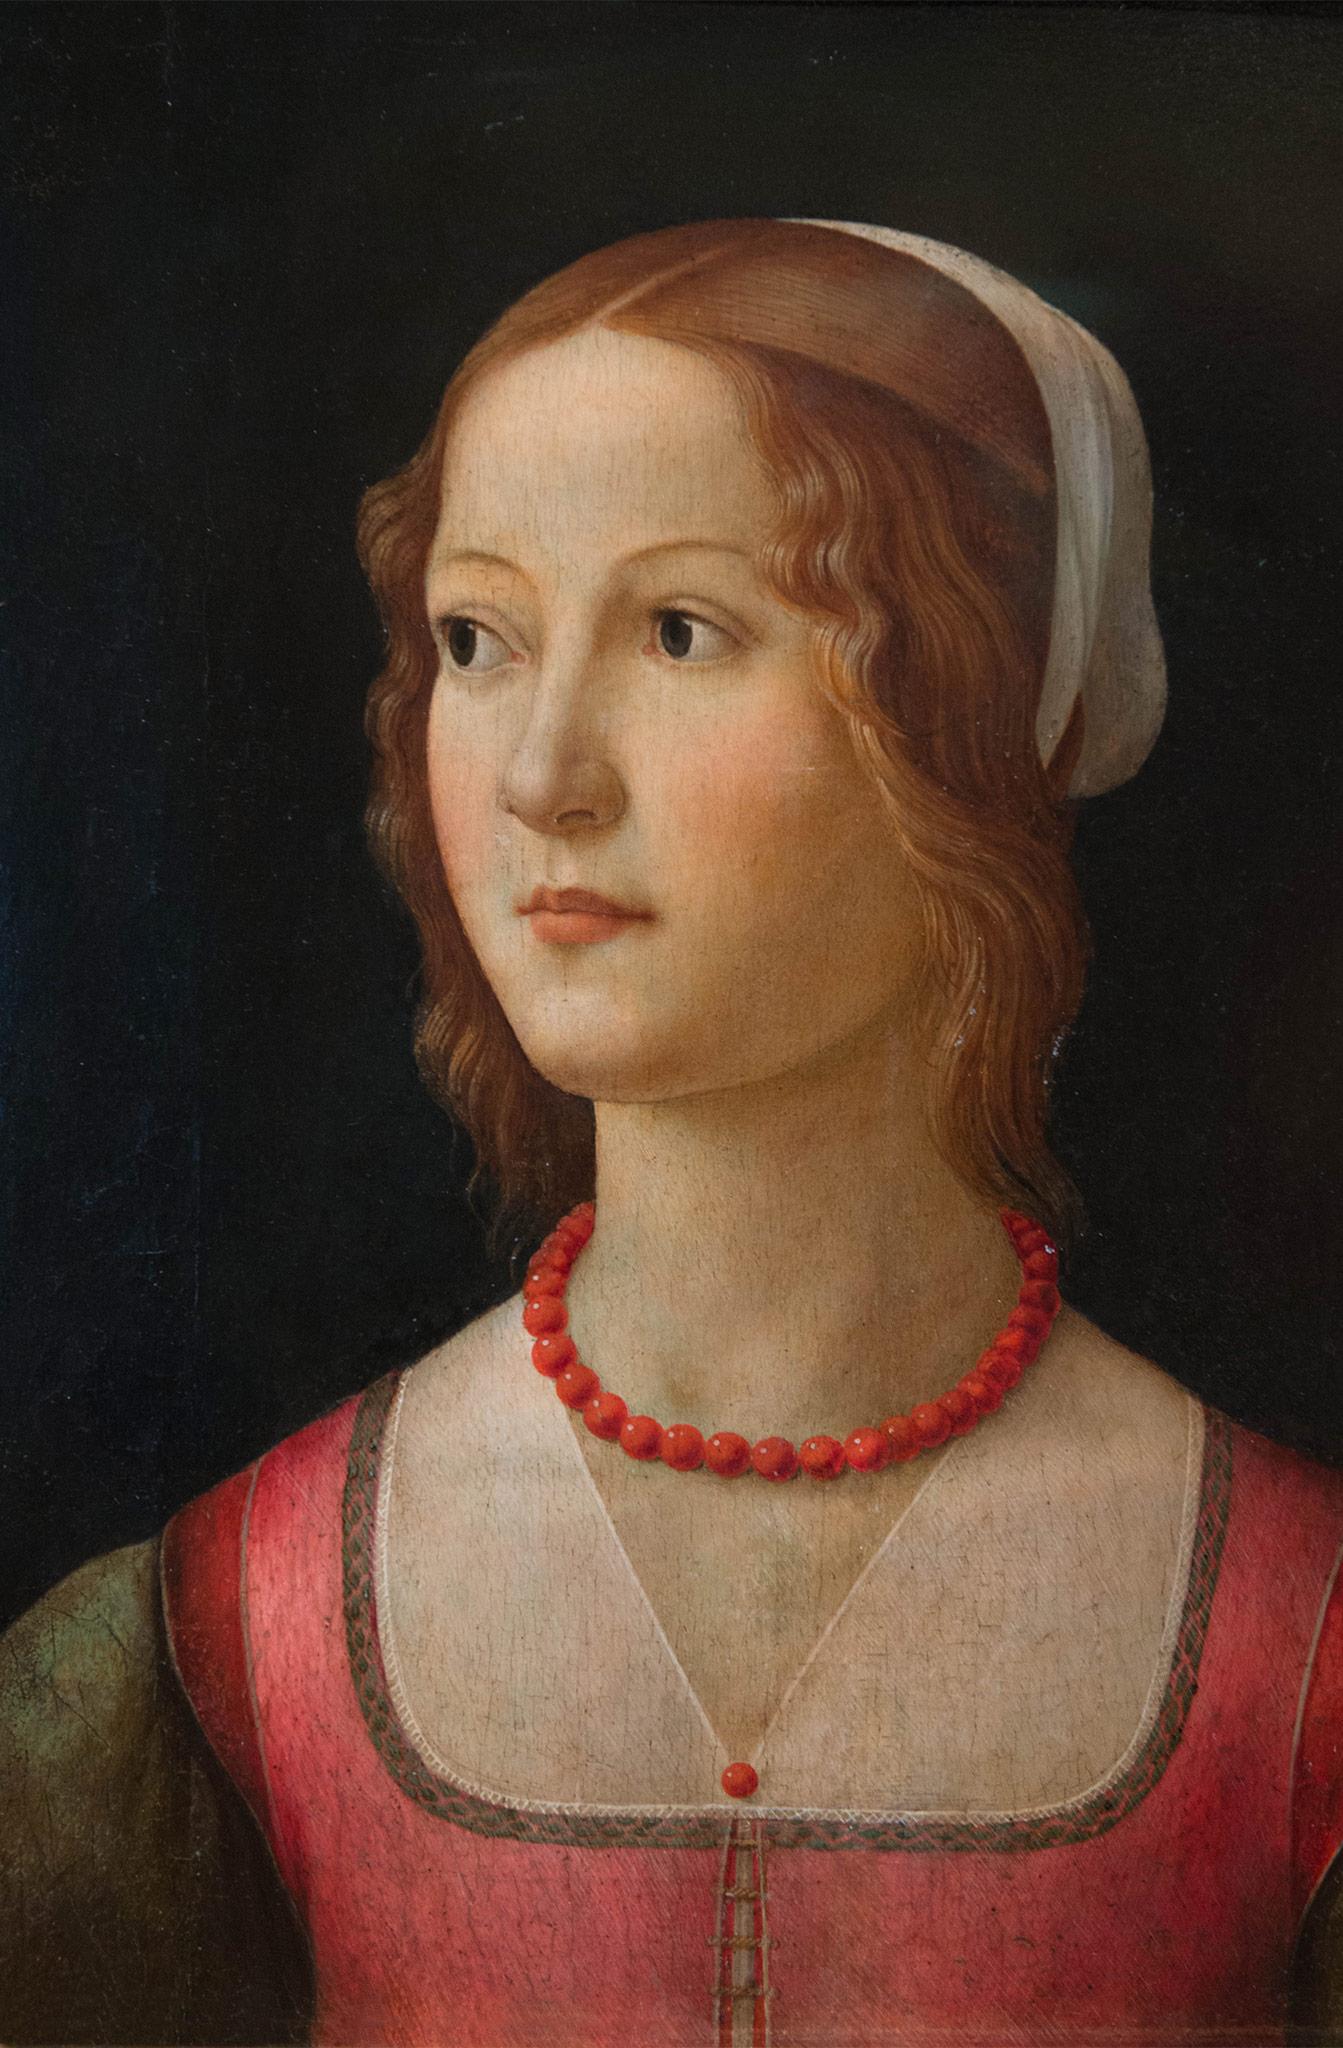 Portrait d'une jeune femme -Domenico Ghirlandaio (1449-1494) - Florence 1490 - Musée Calouste Gulbenkian - Lisbonne